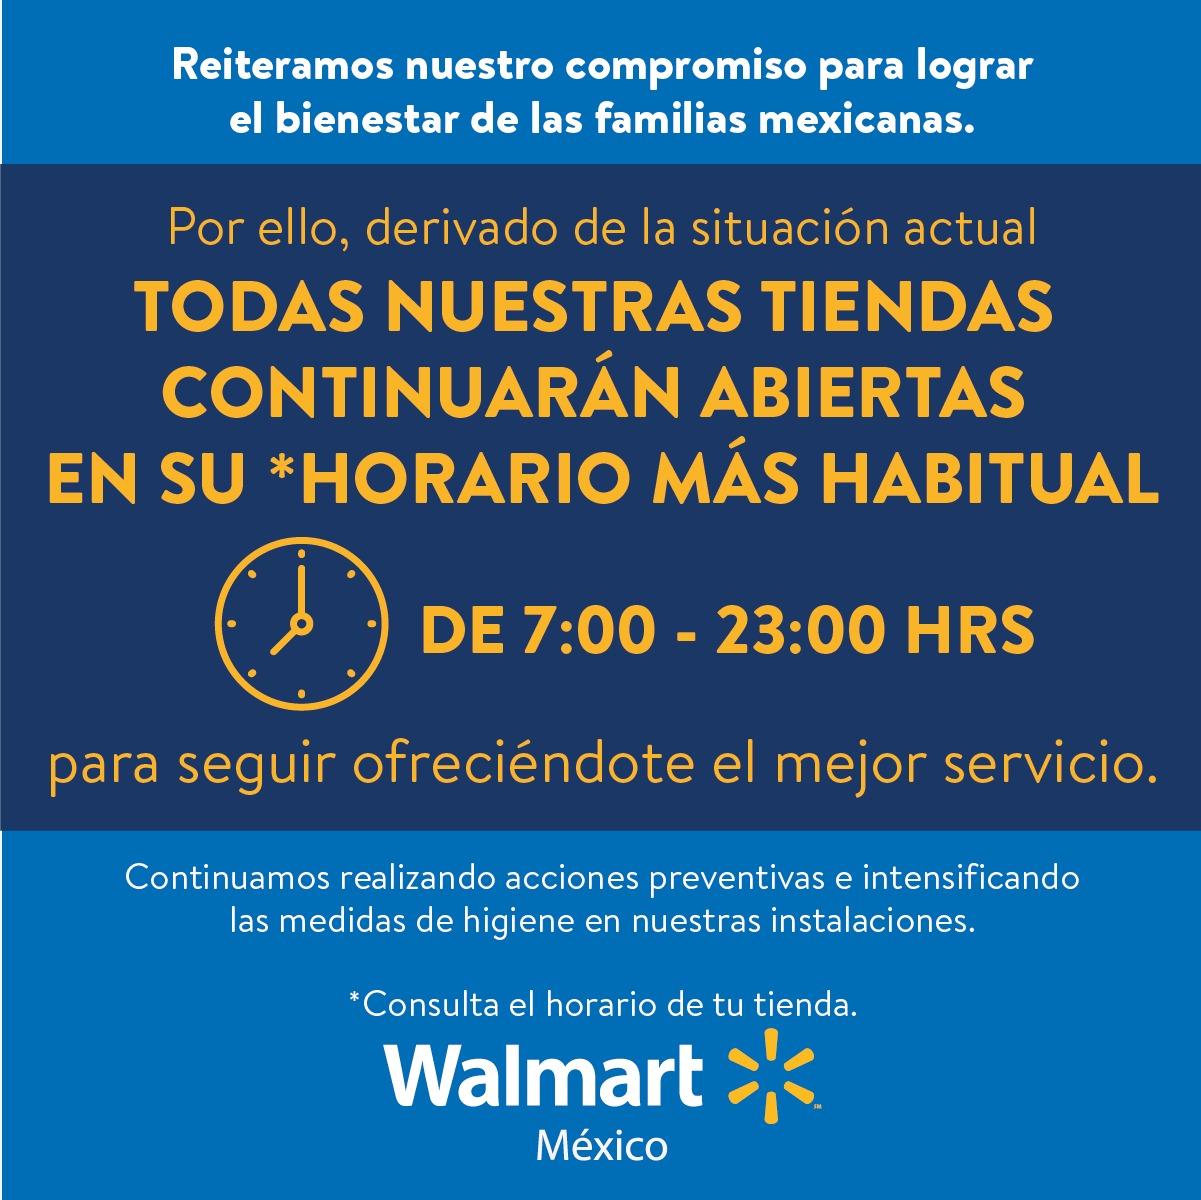 WALMART mantiene sus horarios en tiendas y apoya a los adultos mayores